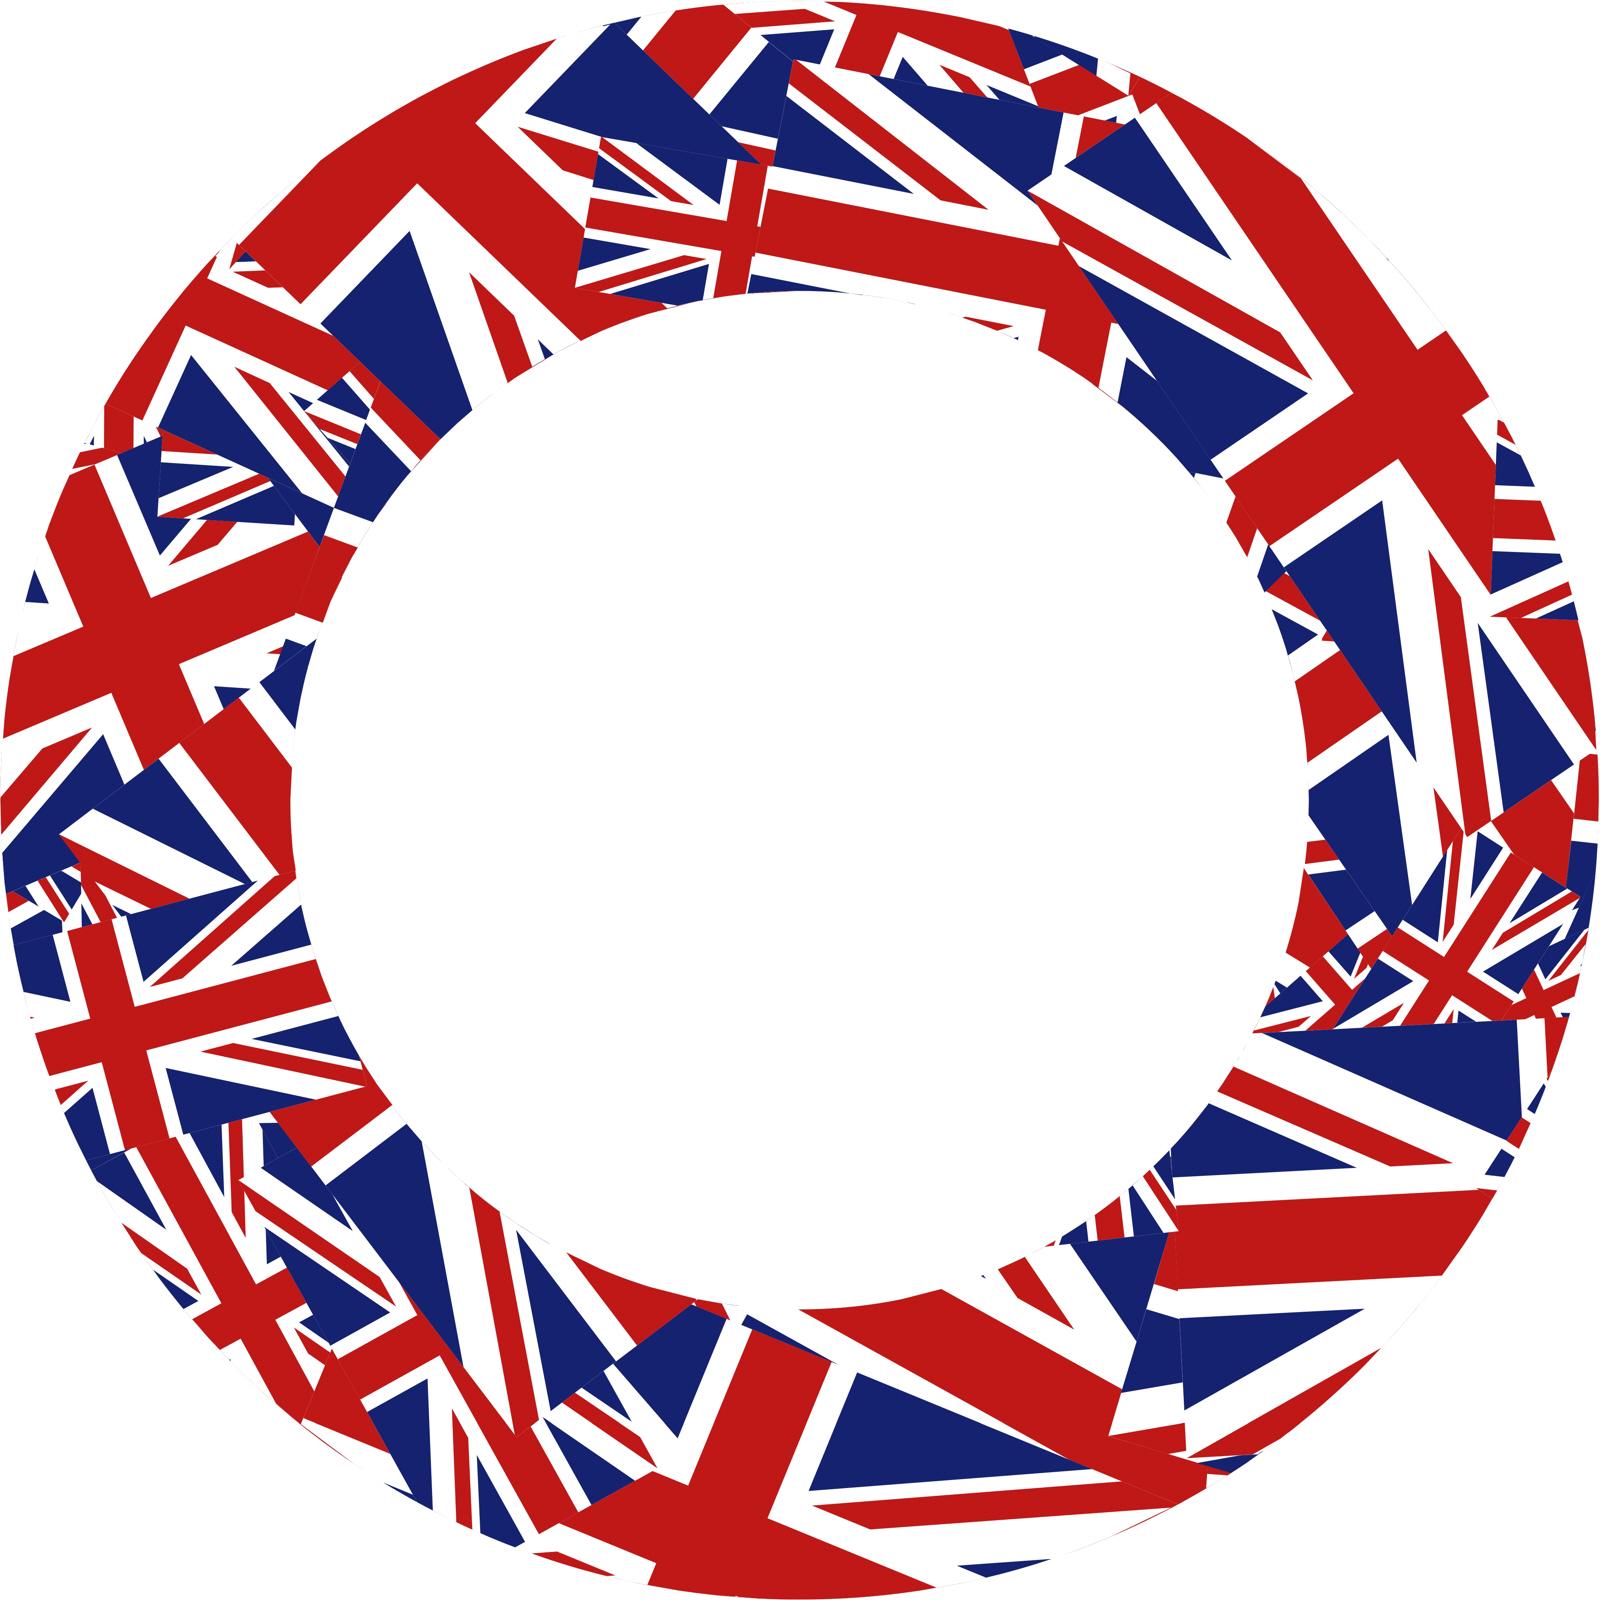 Free stock photo 9363 union jack round border freeimageslive - Uk flag images free ...